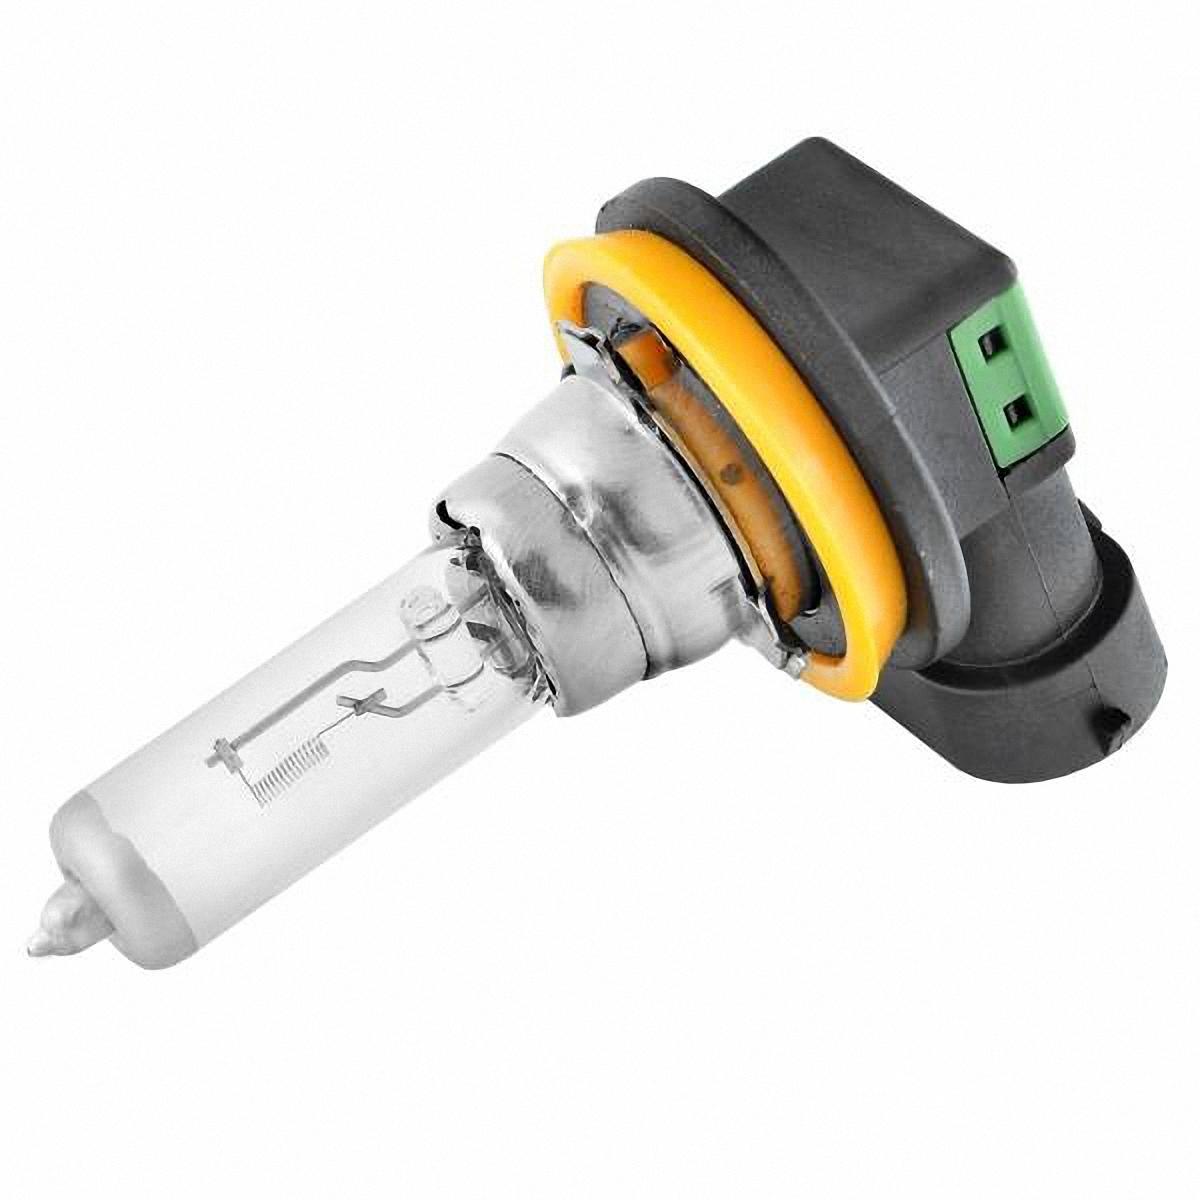 Лампа автомобильная Skyway, галогенная, цоколь H11, 55Вт, 12 ВH11-12V55W WАвтолампа представляет собой лампу накаливания, колбу которой заполняет галоген (йод или бром). Такие лампы отвечают всем без исключения стандартам качества. Для ближнего, дальнего света, противотуманных фар.Цоколь: Н11.